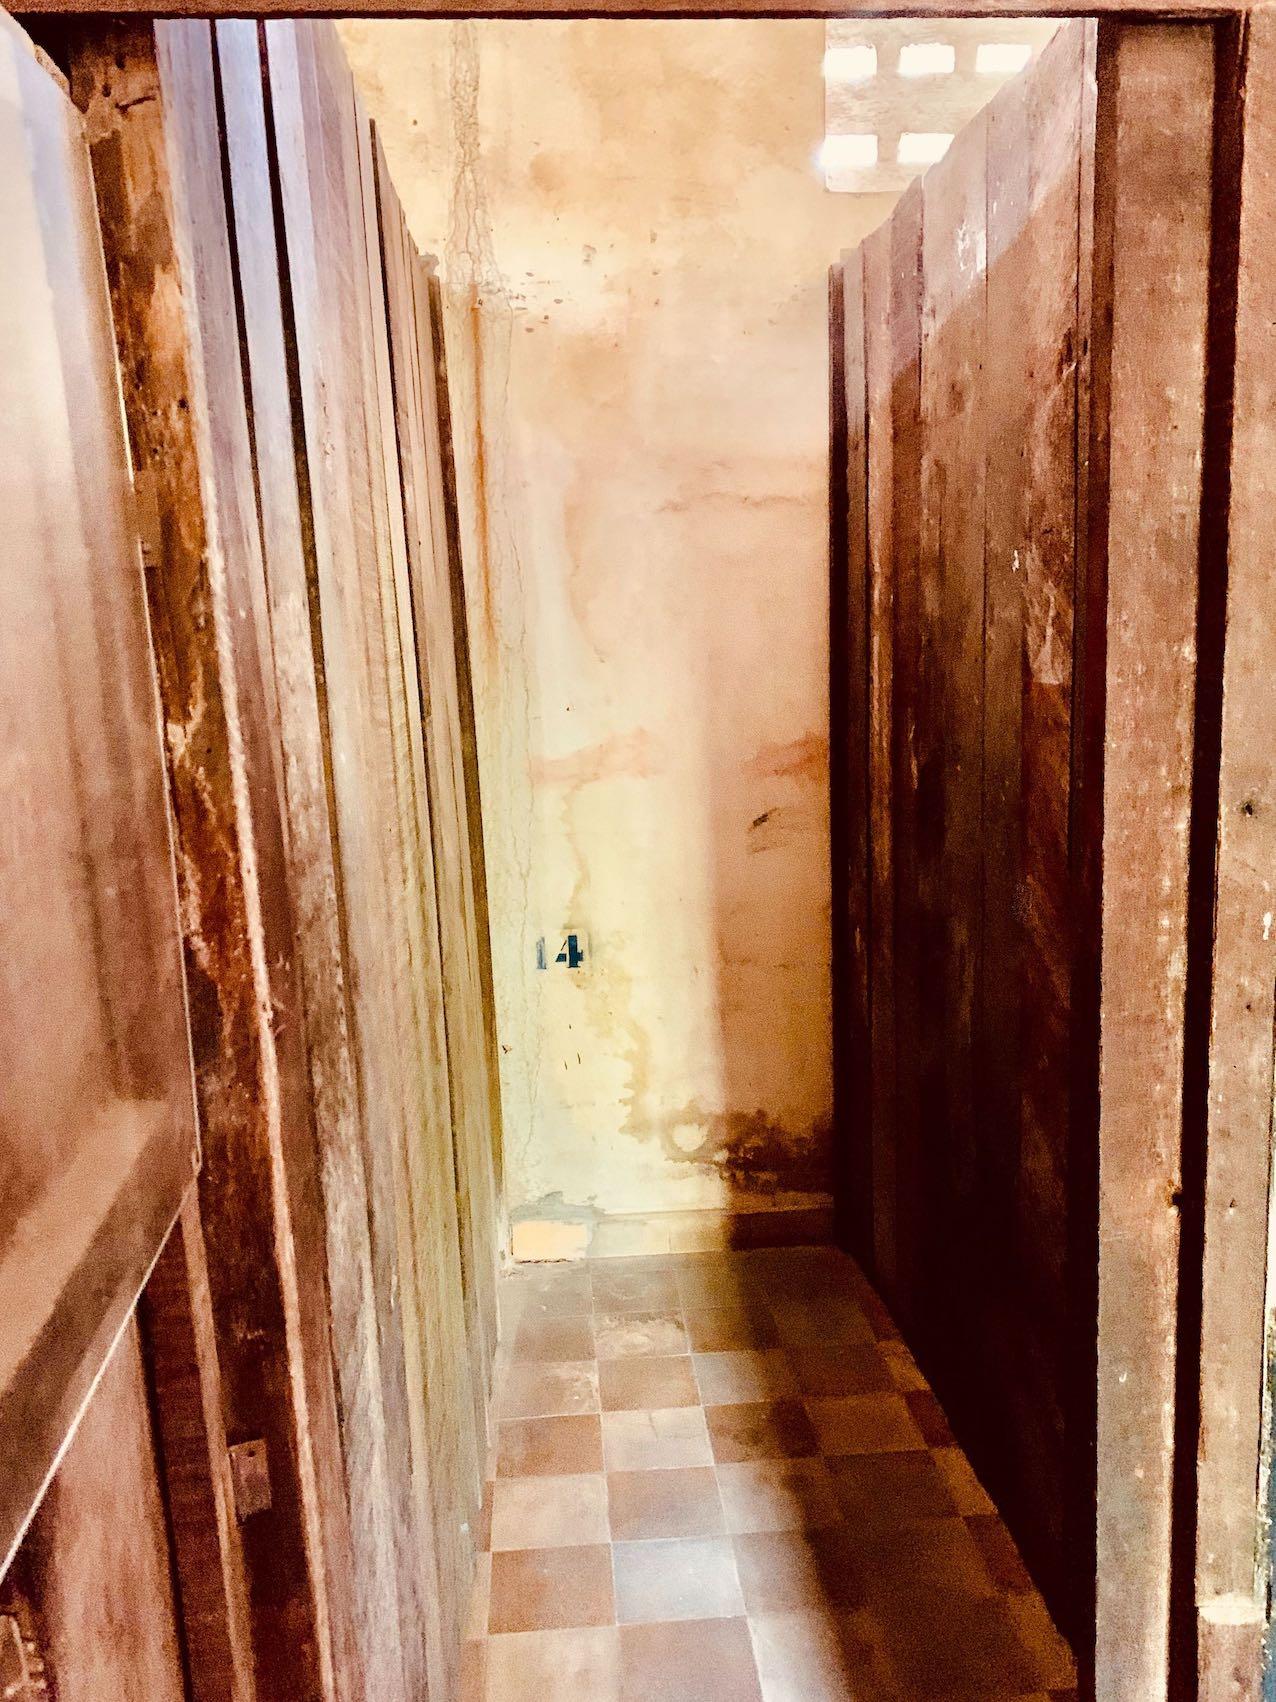 Tiny prison cell S-21 prison Cambodia